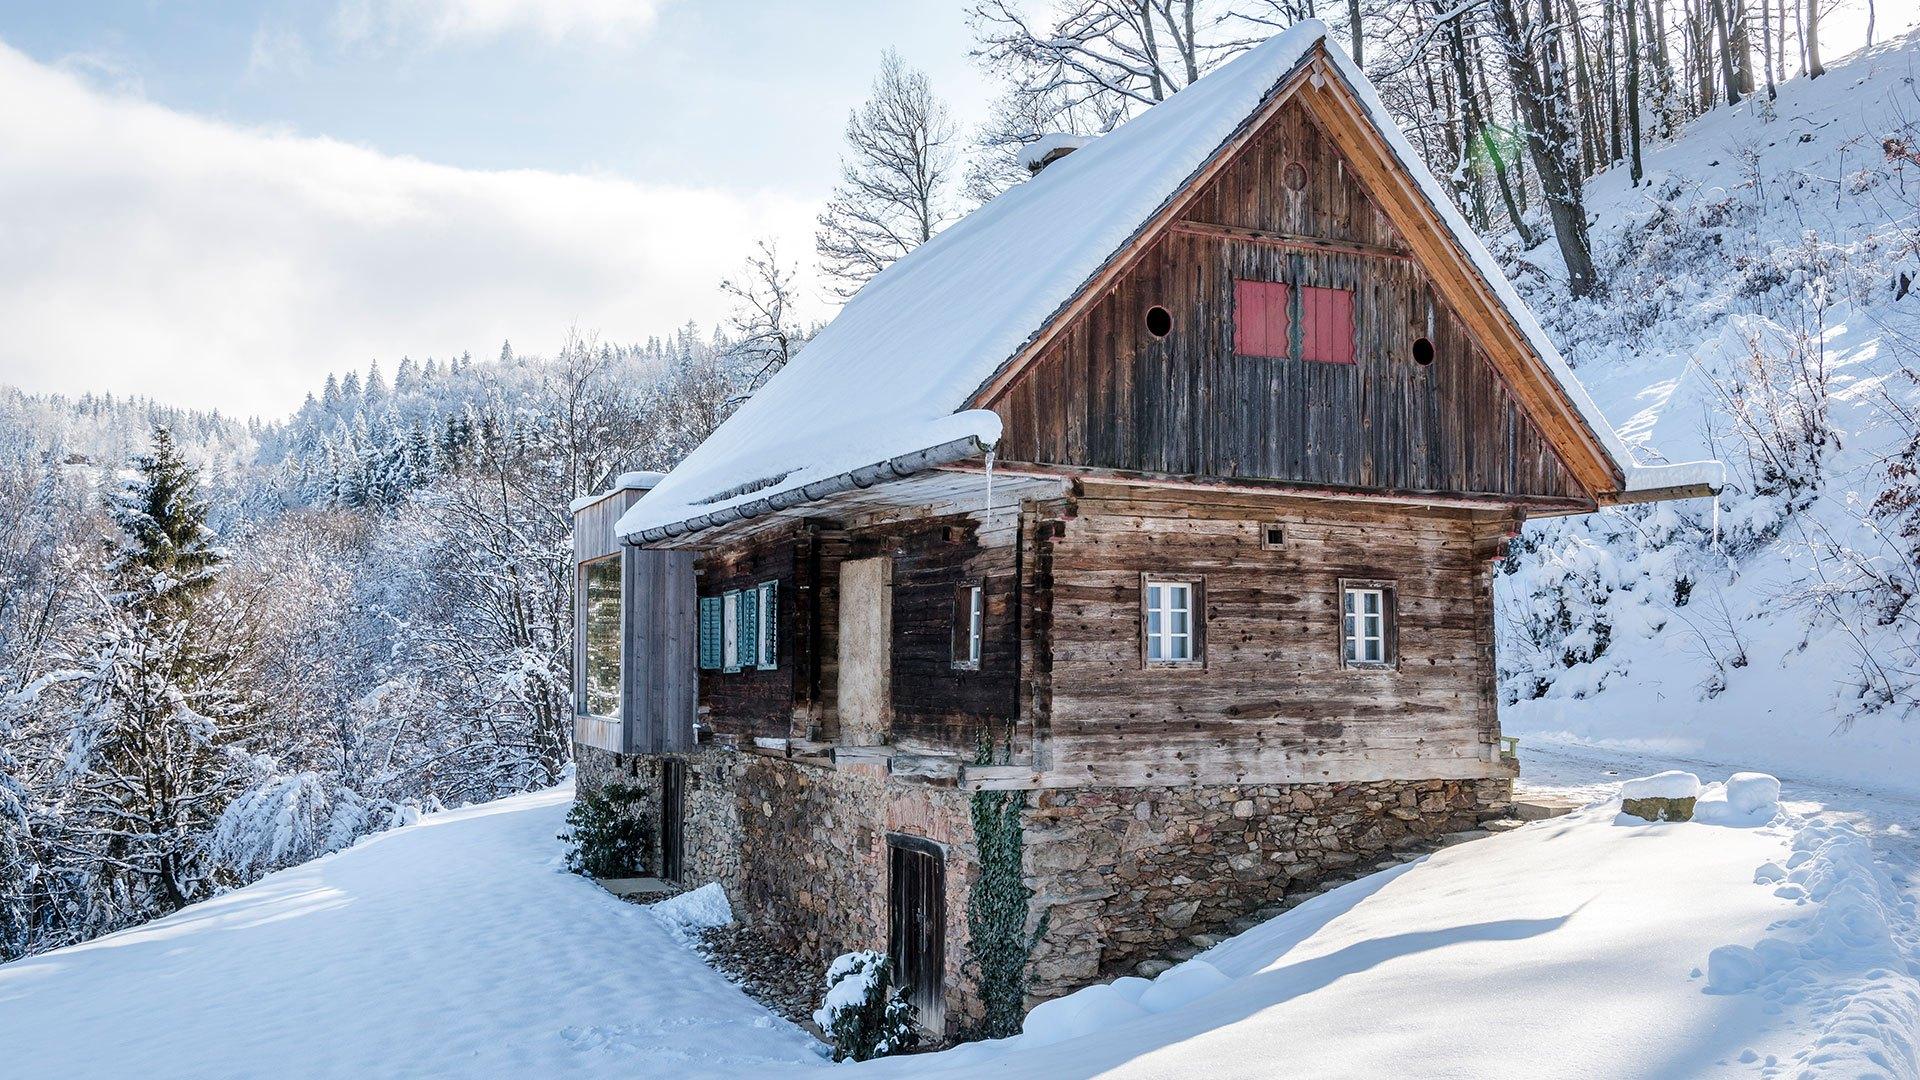 stadl-altenbach-winter-haus-1920x1080